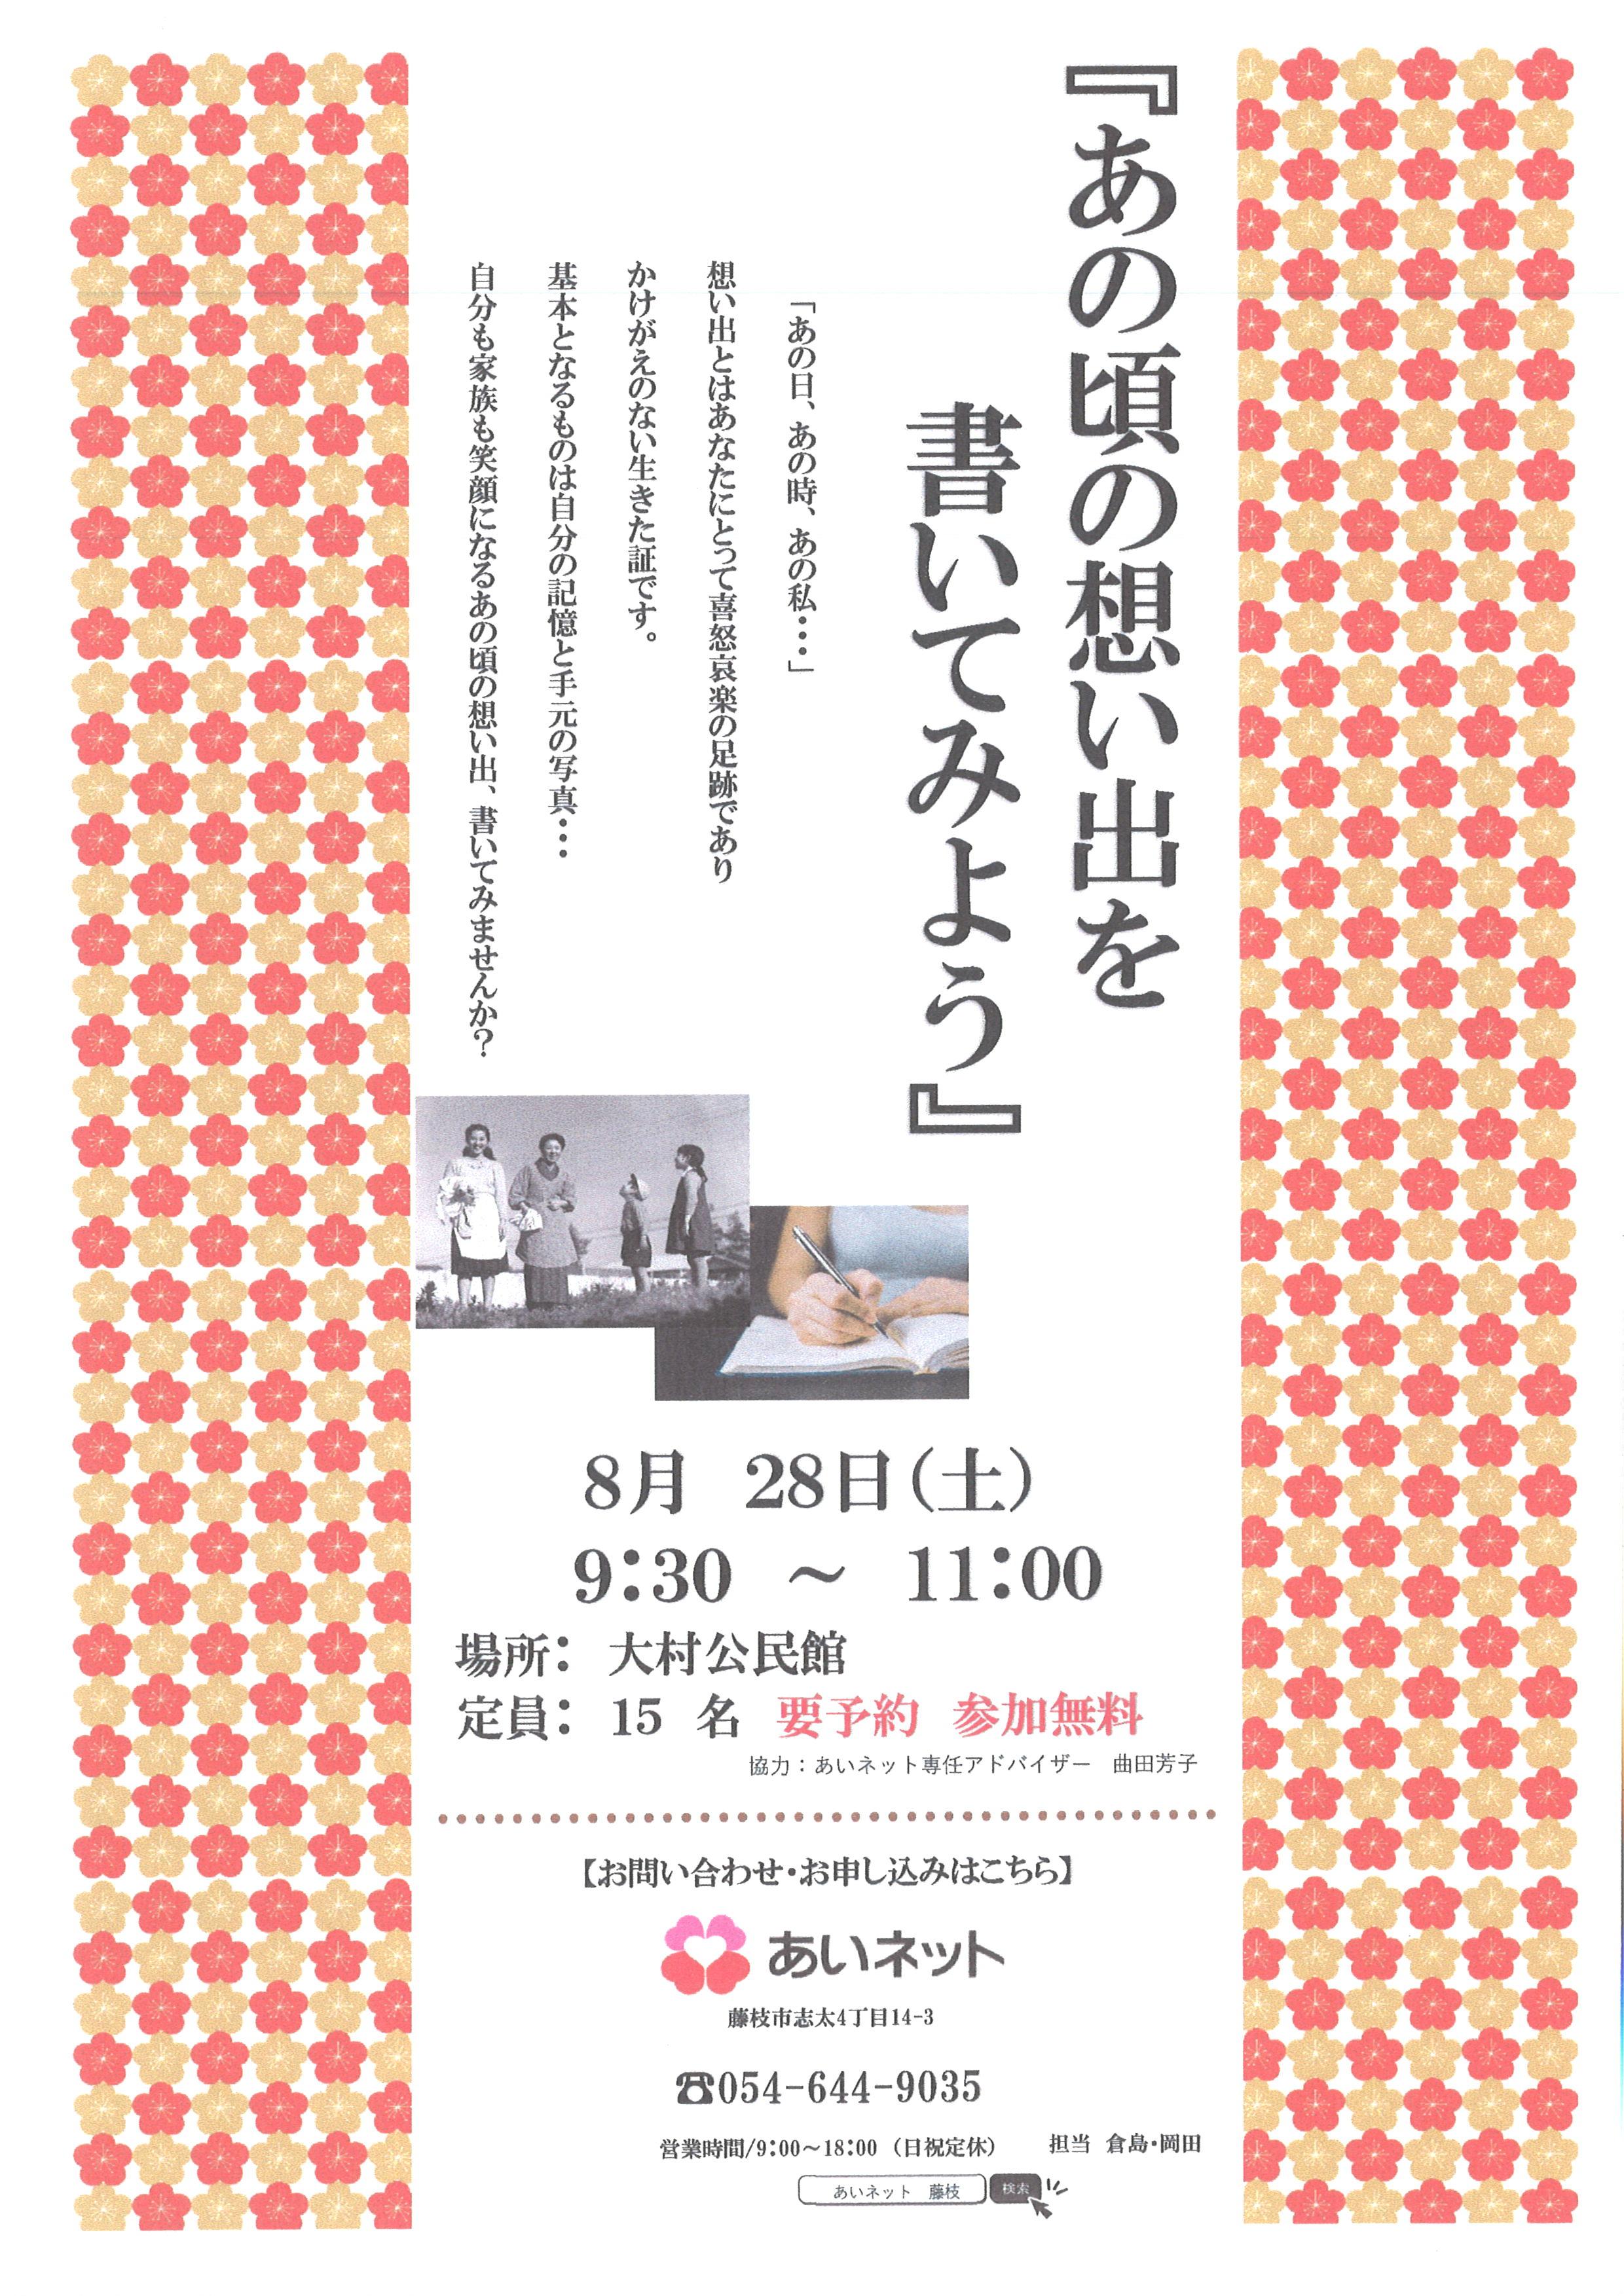 8月28日(土)「あの頃の想い出を書いてみよう」in焼津市大村公民館